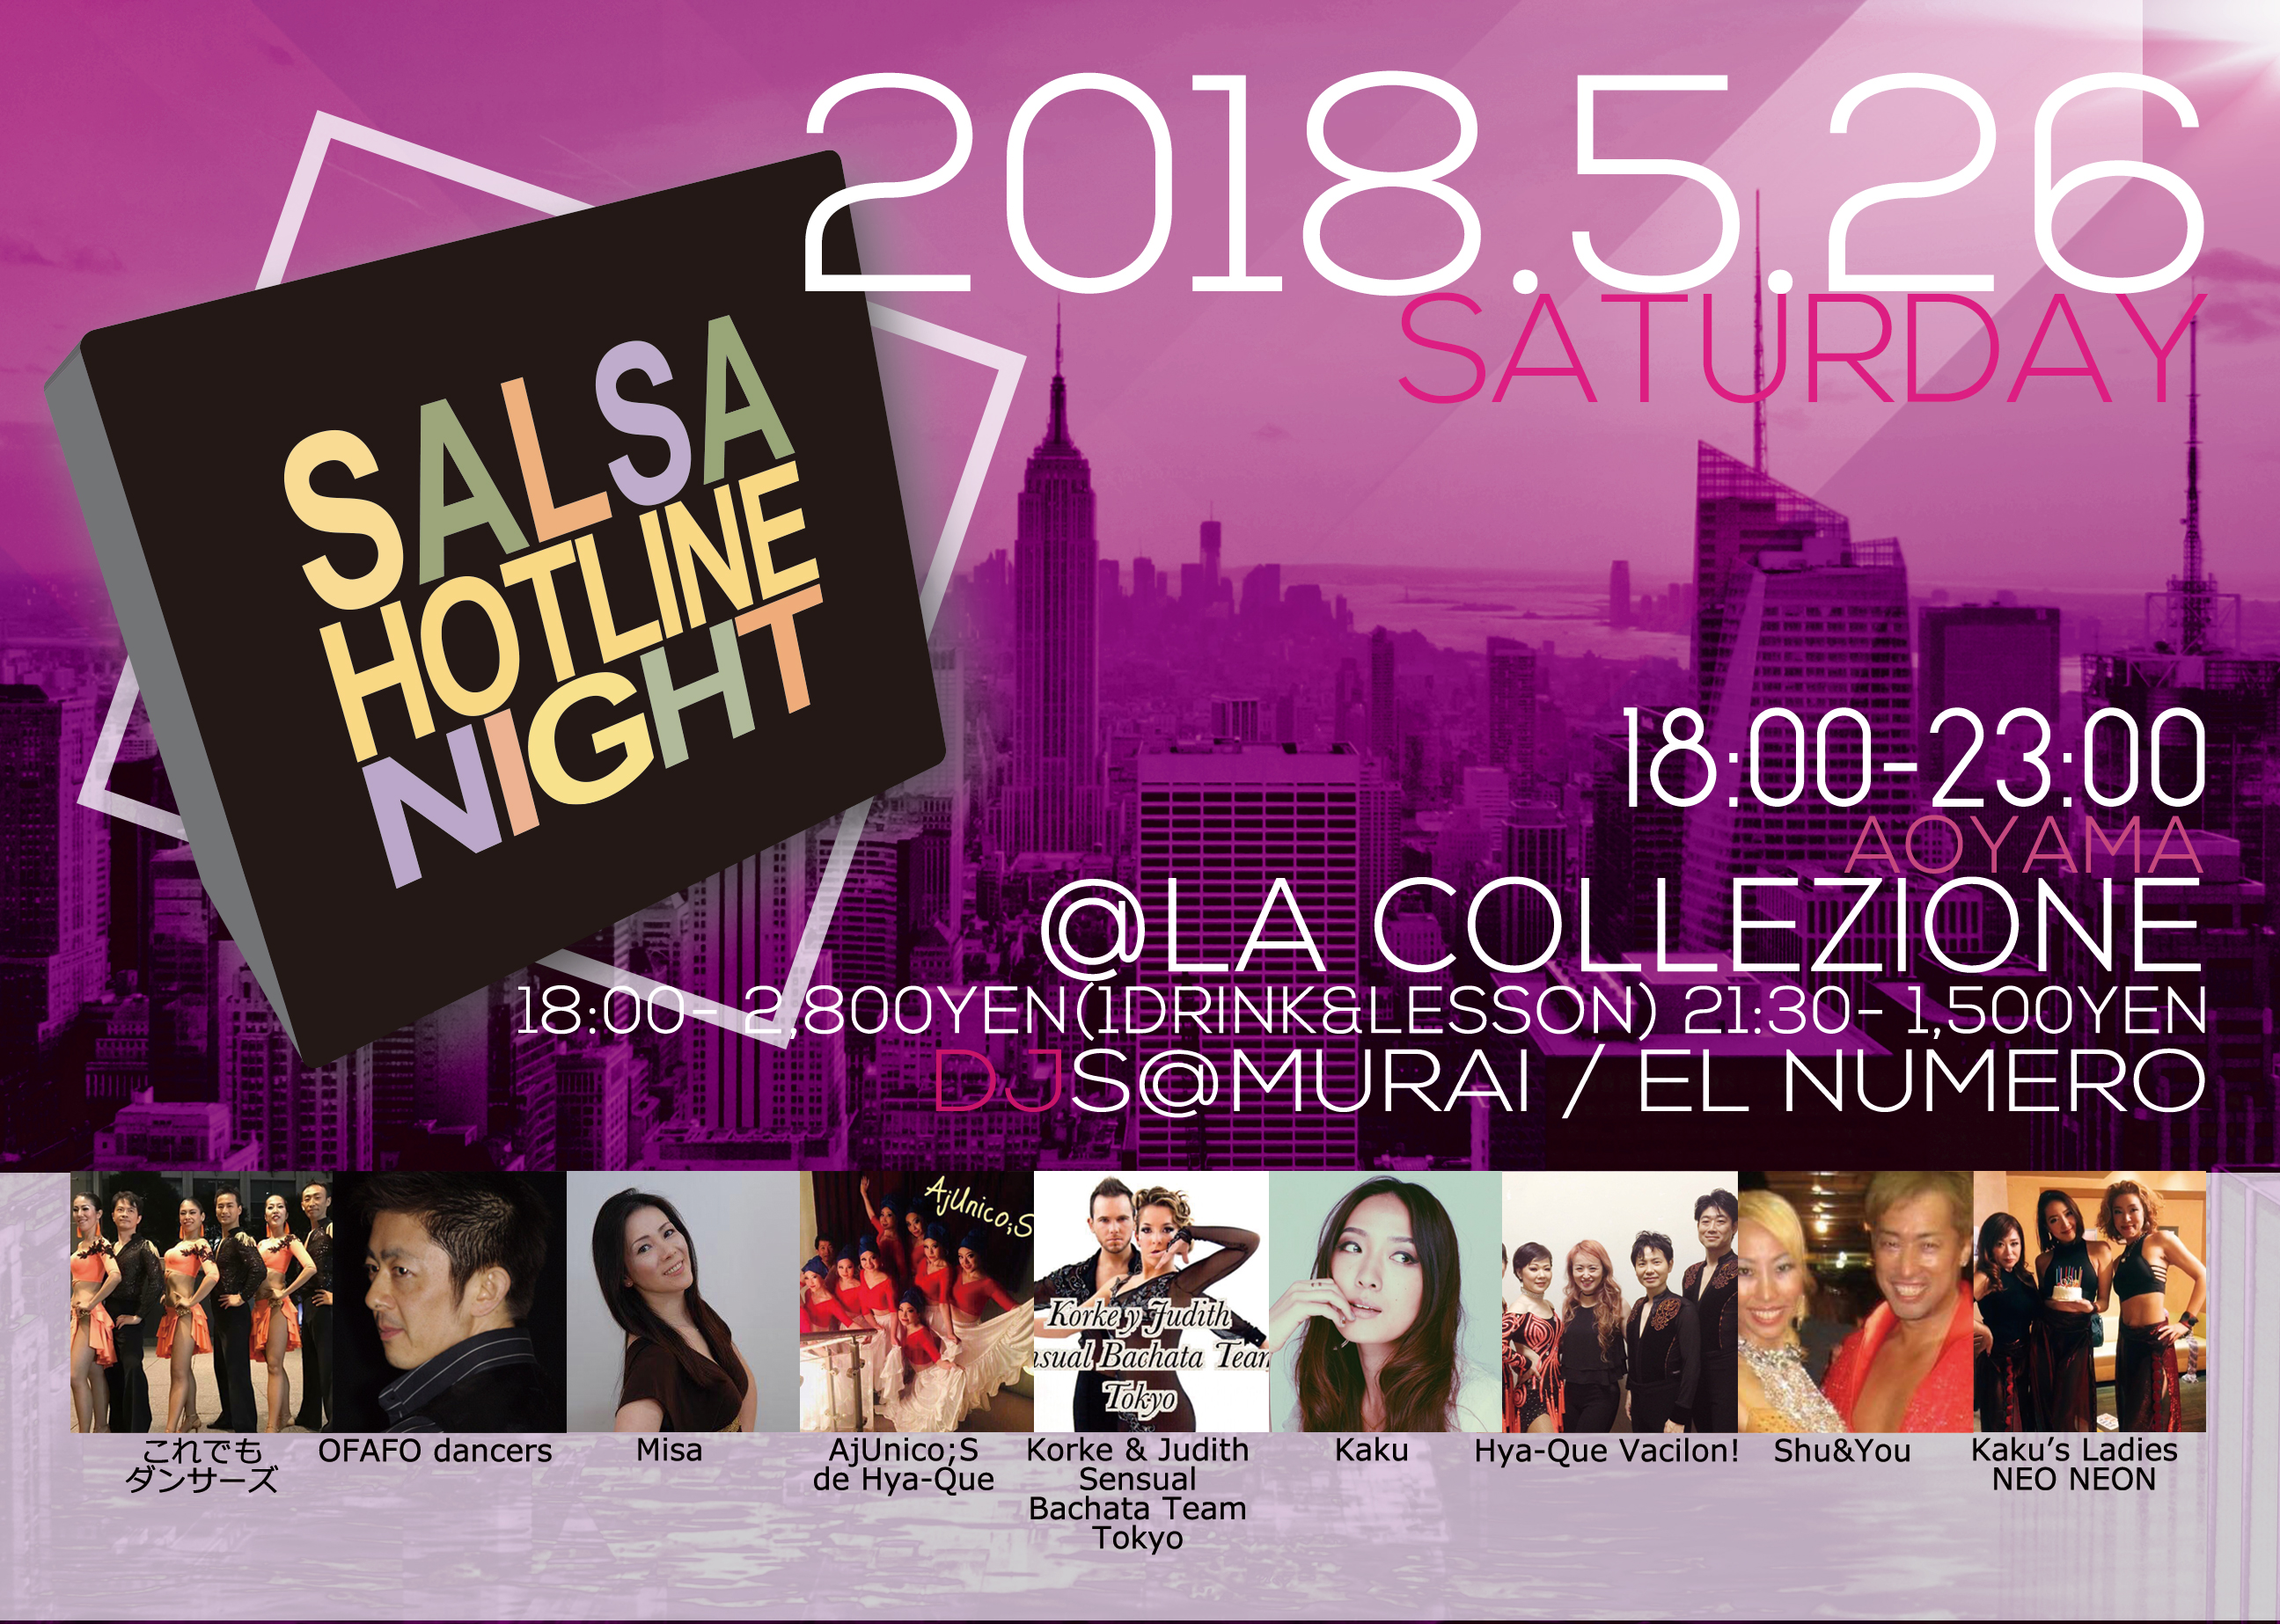 第241回 Salsa Hotline Night(サルホナイト)@ 青山ラ コレッツィオーネ 【お得な早割あり!】【レッスン】Kaku,Shu&You,Misa【PF】AjUnico;S de Hya-Que,Kaku's Ladies NEO NEON,Korke & Judith Sensual Bachata Team Tokyo,OFAFO dancers,これでもダンサーズ